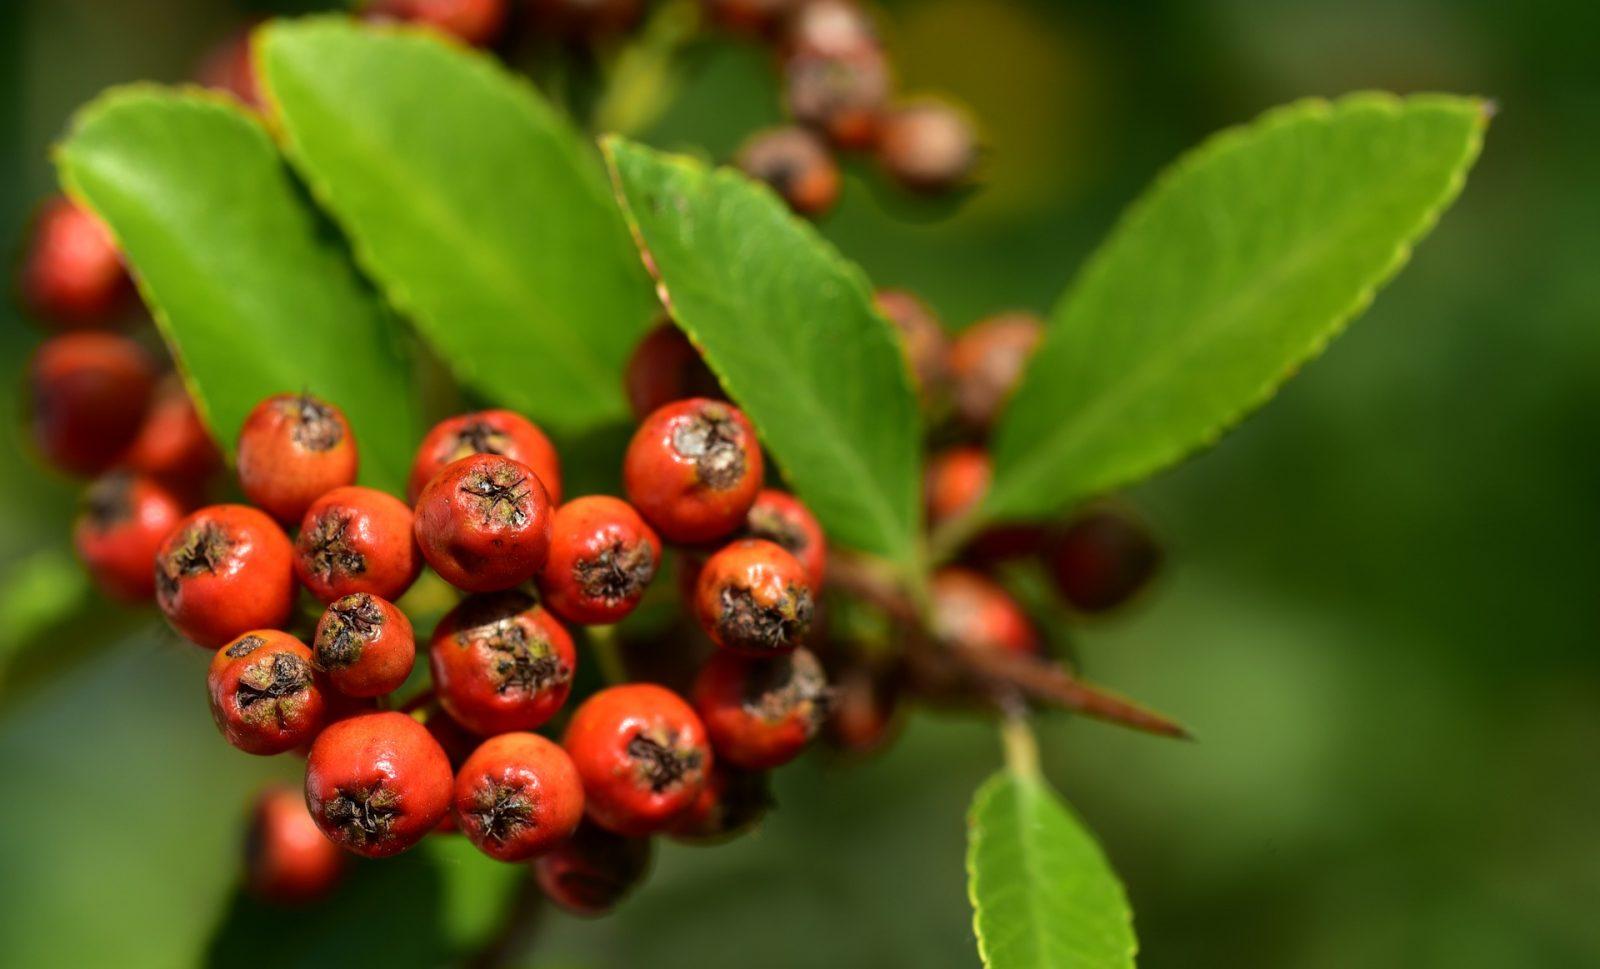 Təbii vitamin mənbəyi – Quşarmudu meyvəsi